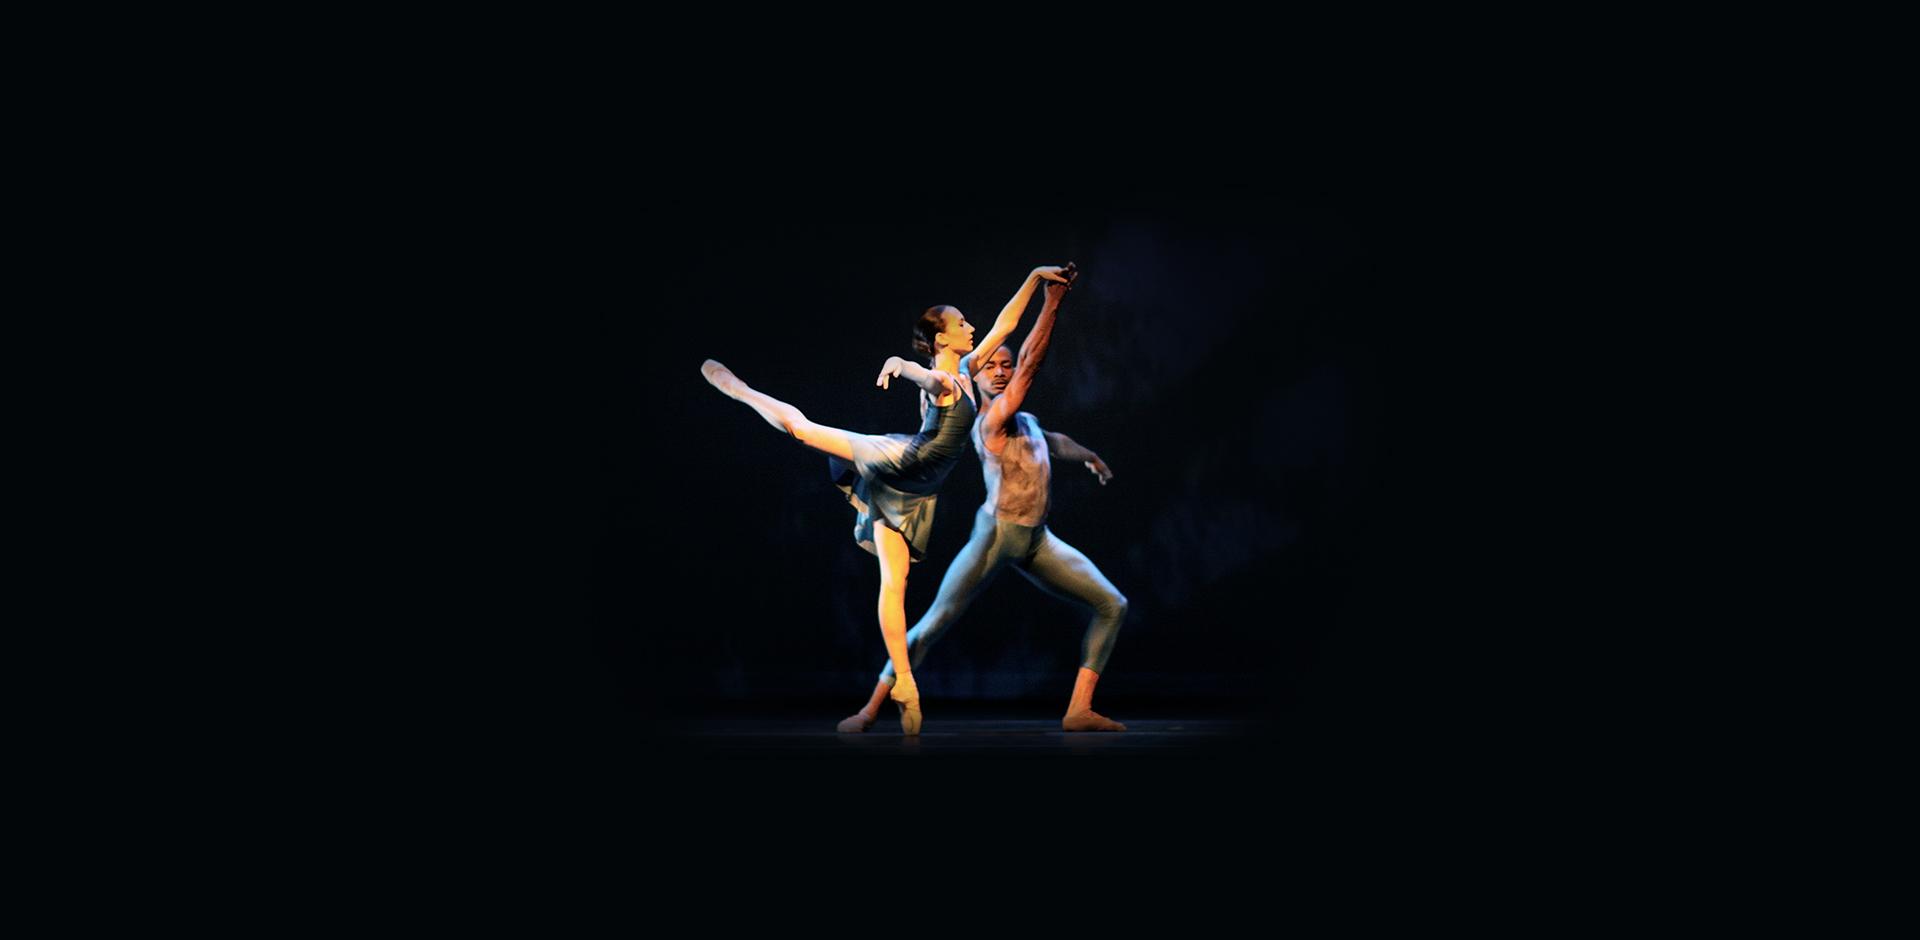 First dance of men